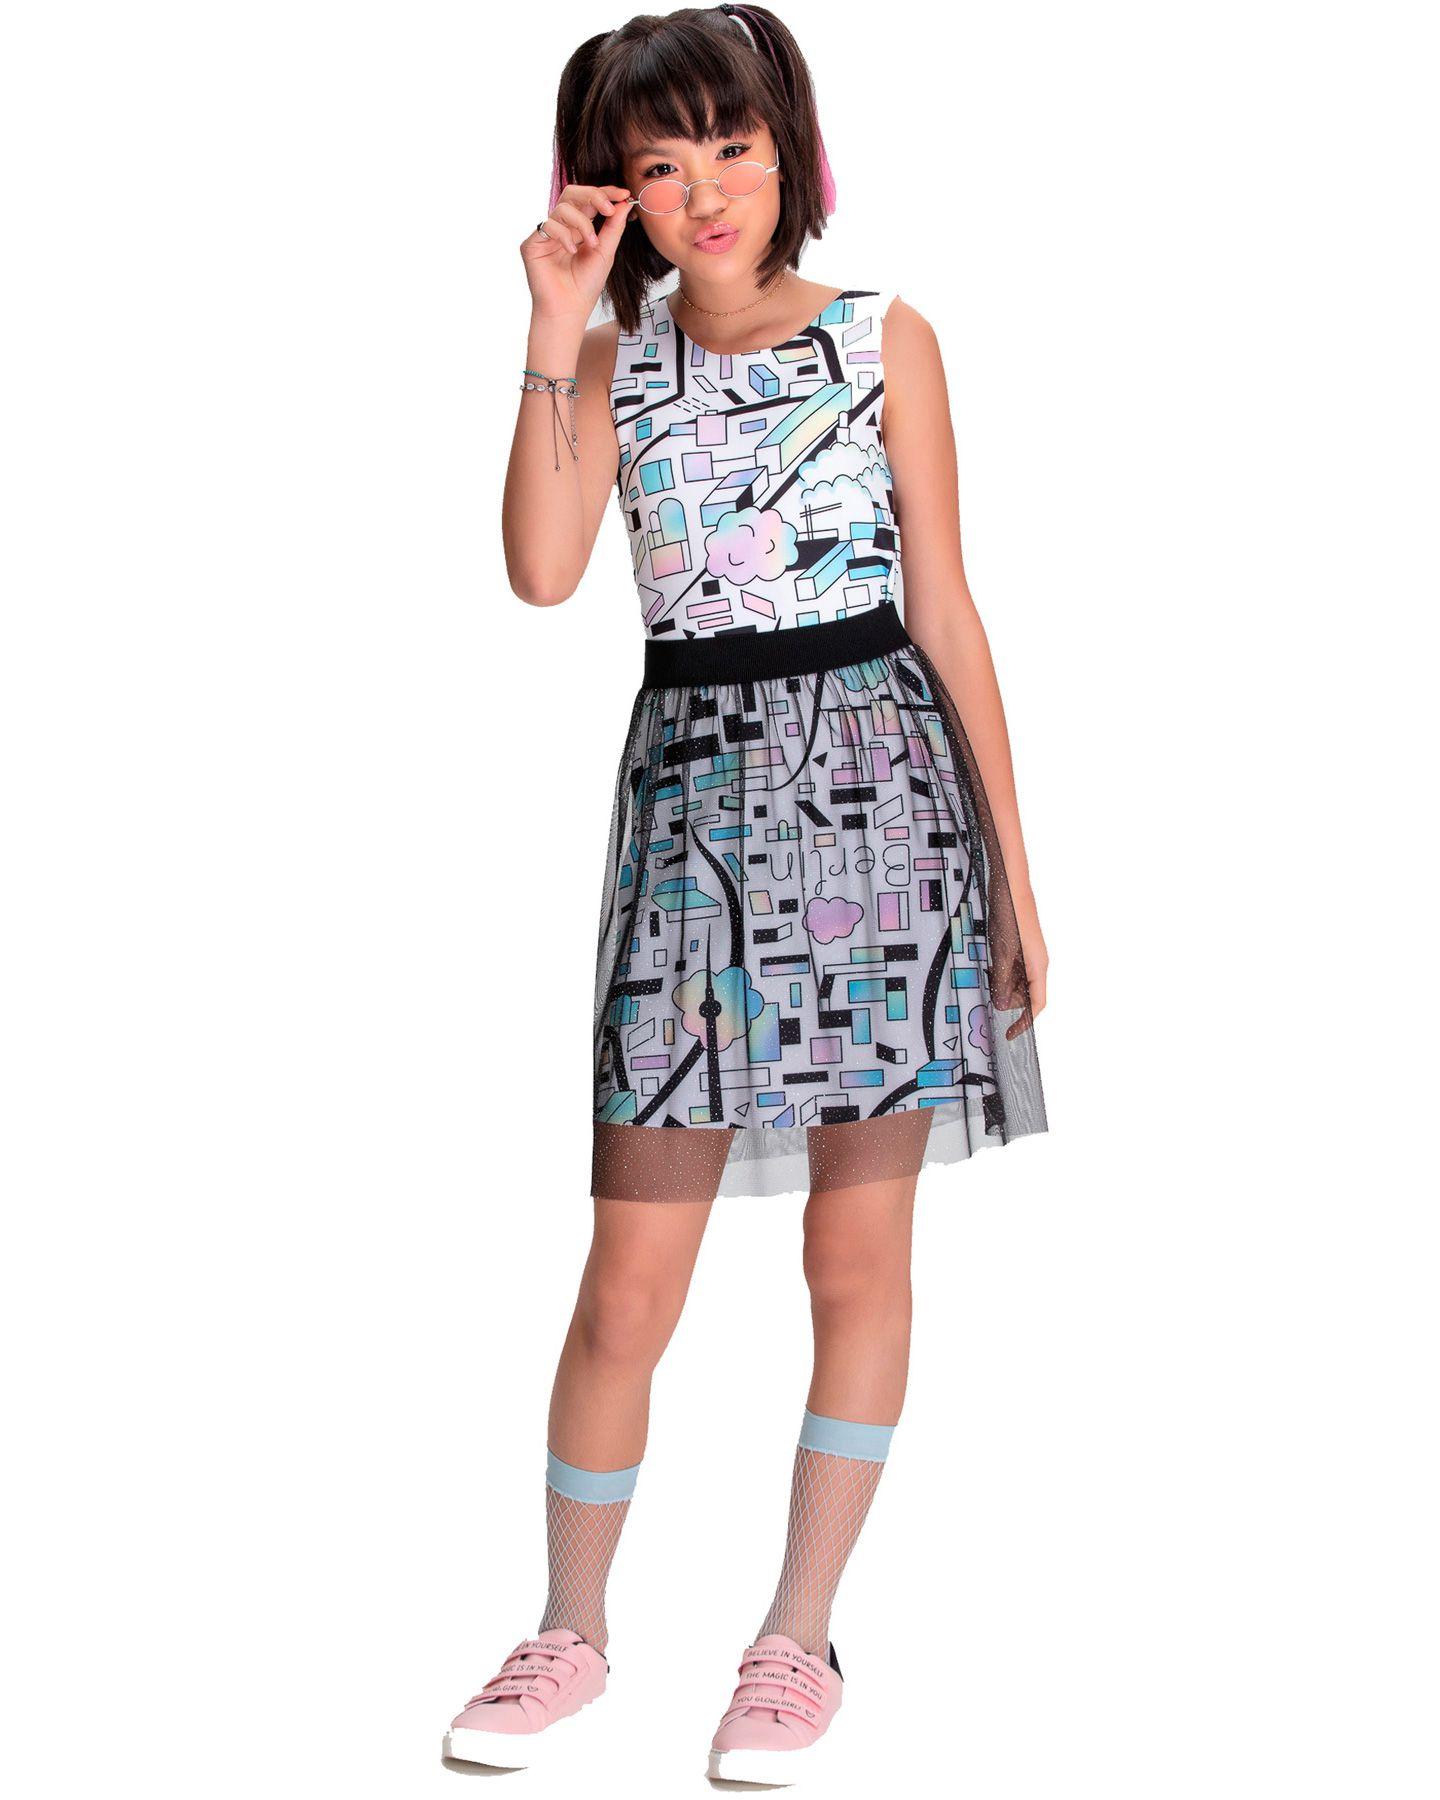 Vestido Juvenil Bobbylulu City